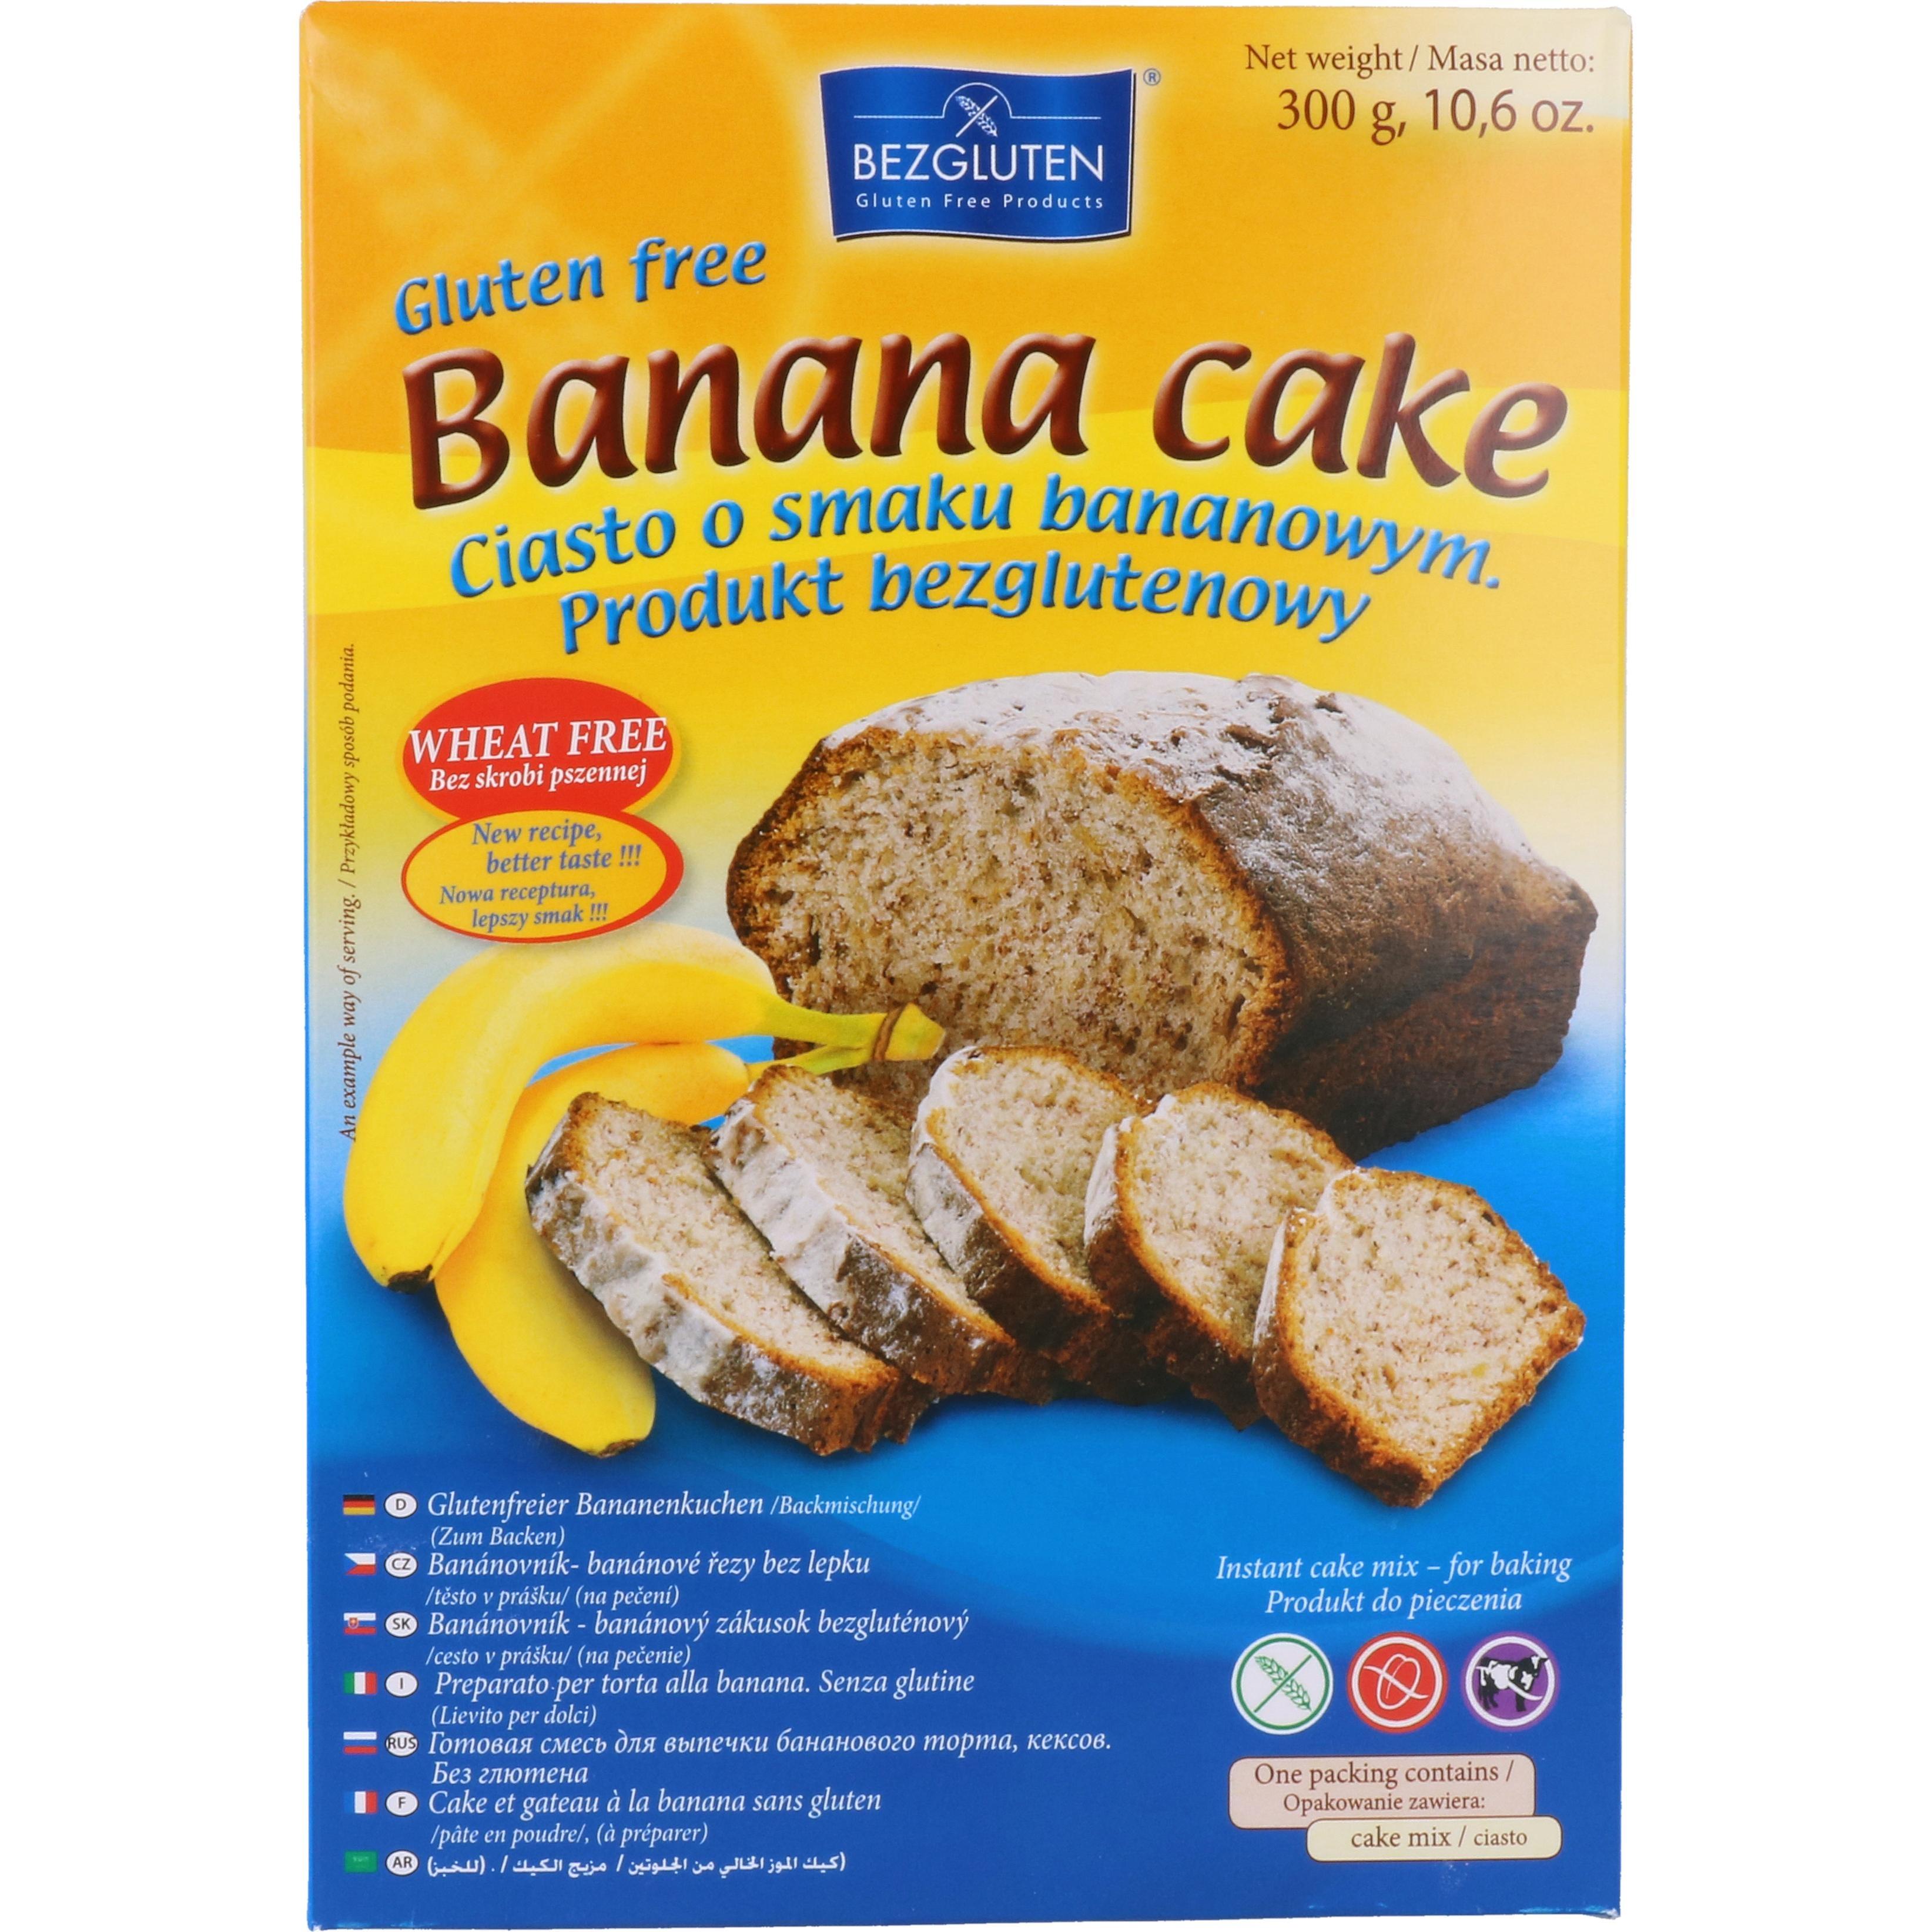 Bezgluten Glutenfreier Bananenkuchen Banana cake mix 300g